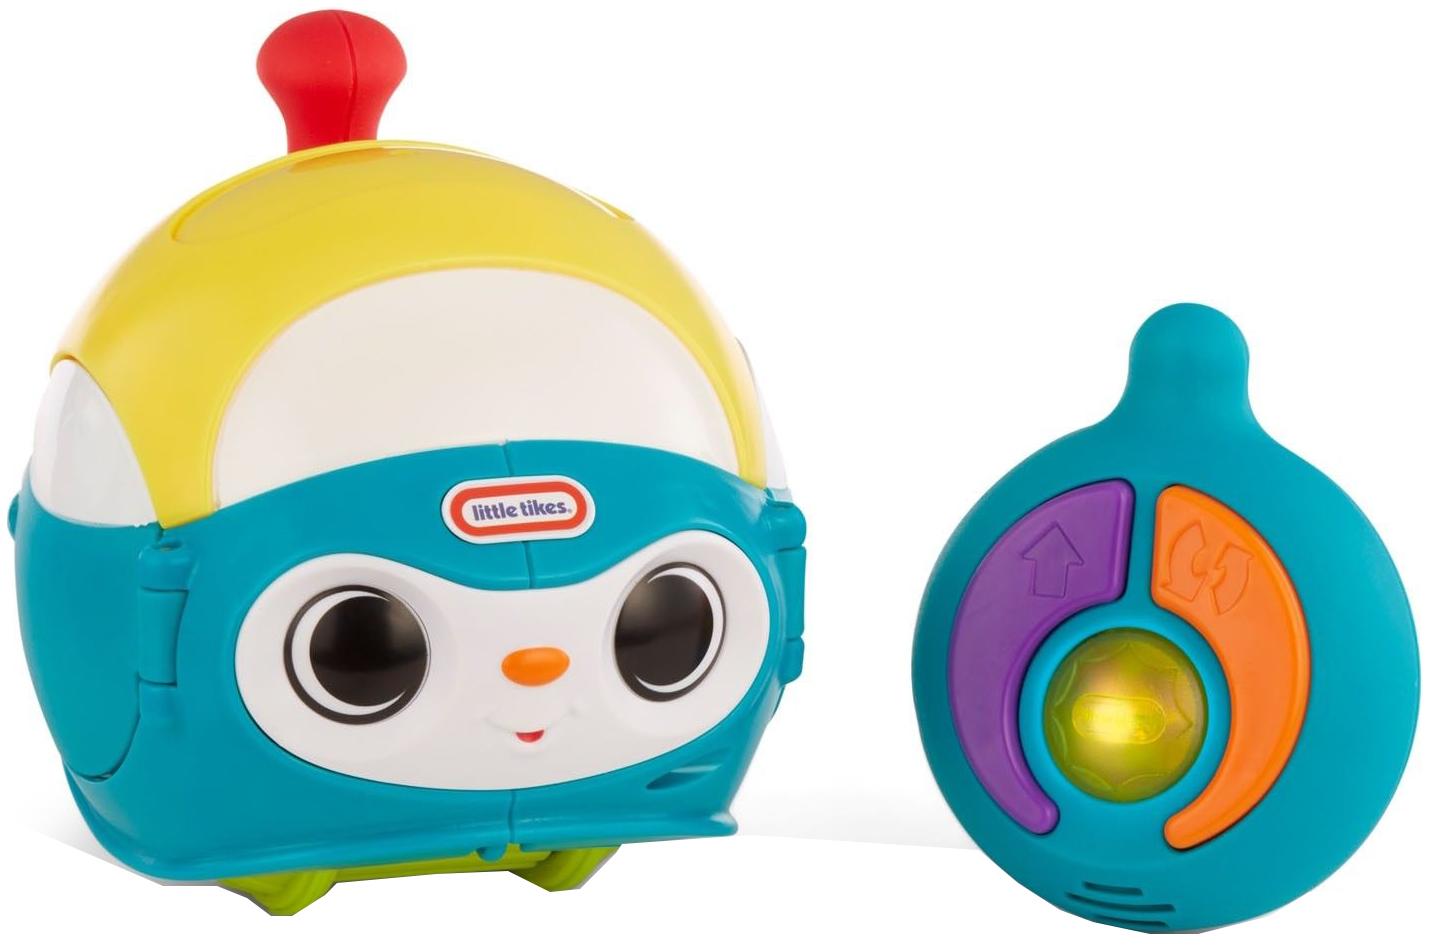 Интерактивная игрушка Little Tikes Вращающийся робот голубой